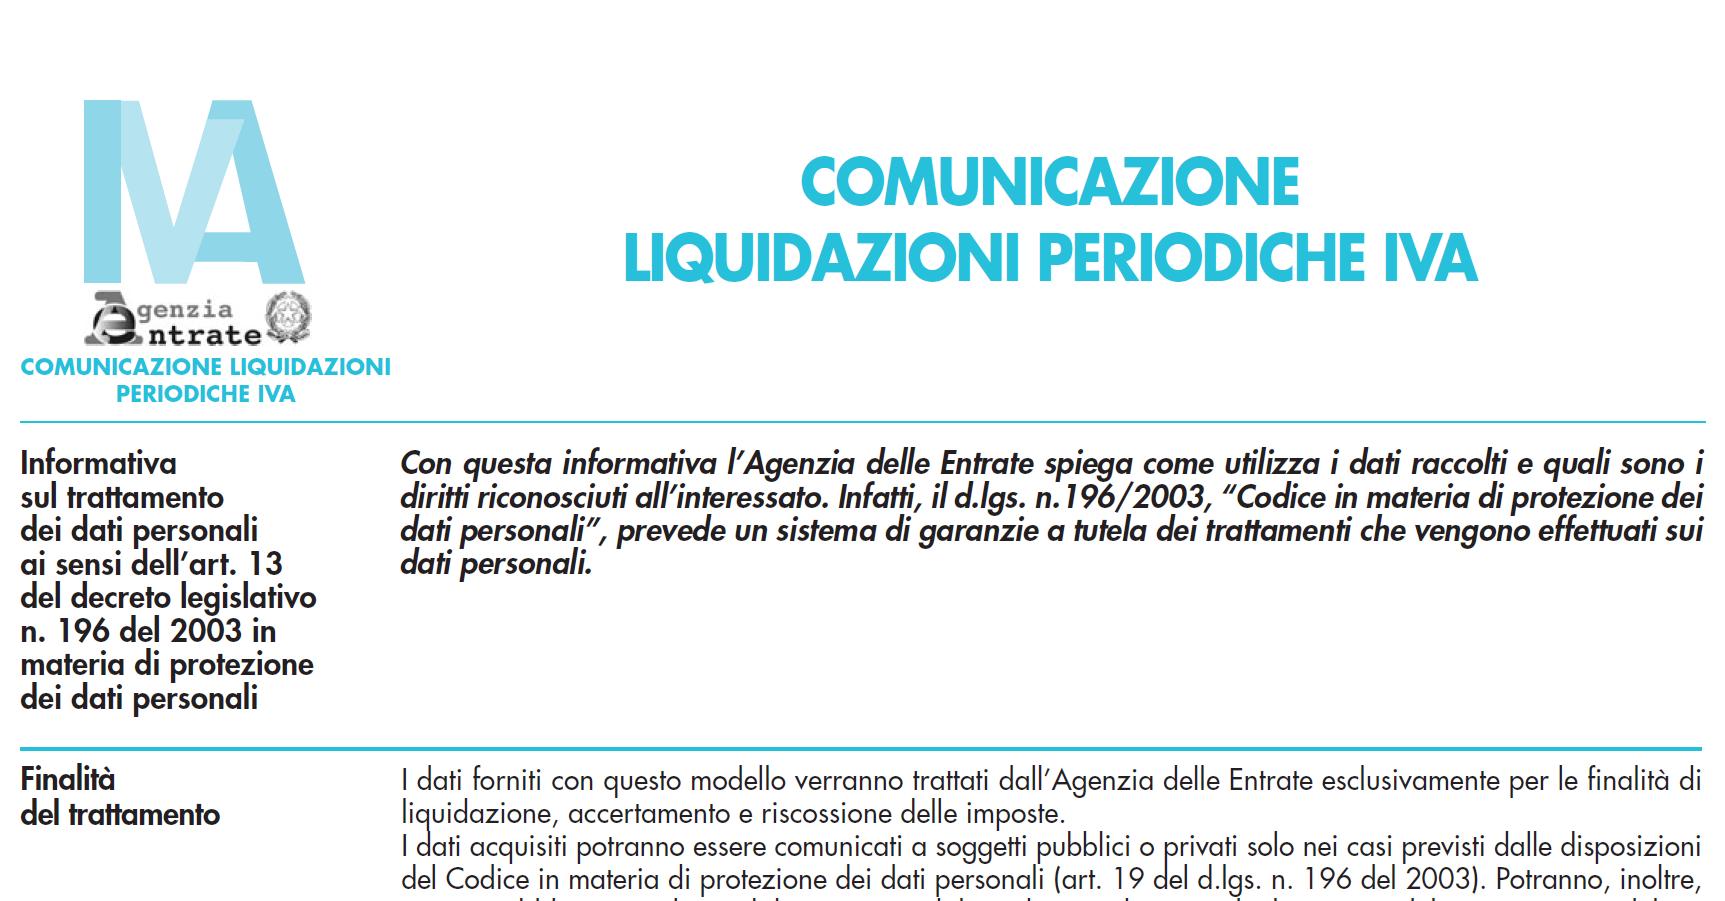 https://cooperativeonline.it/wp-content/uploads/2017/09/Comunicazione-liquidazioni-periodiche-iva.png